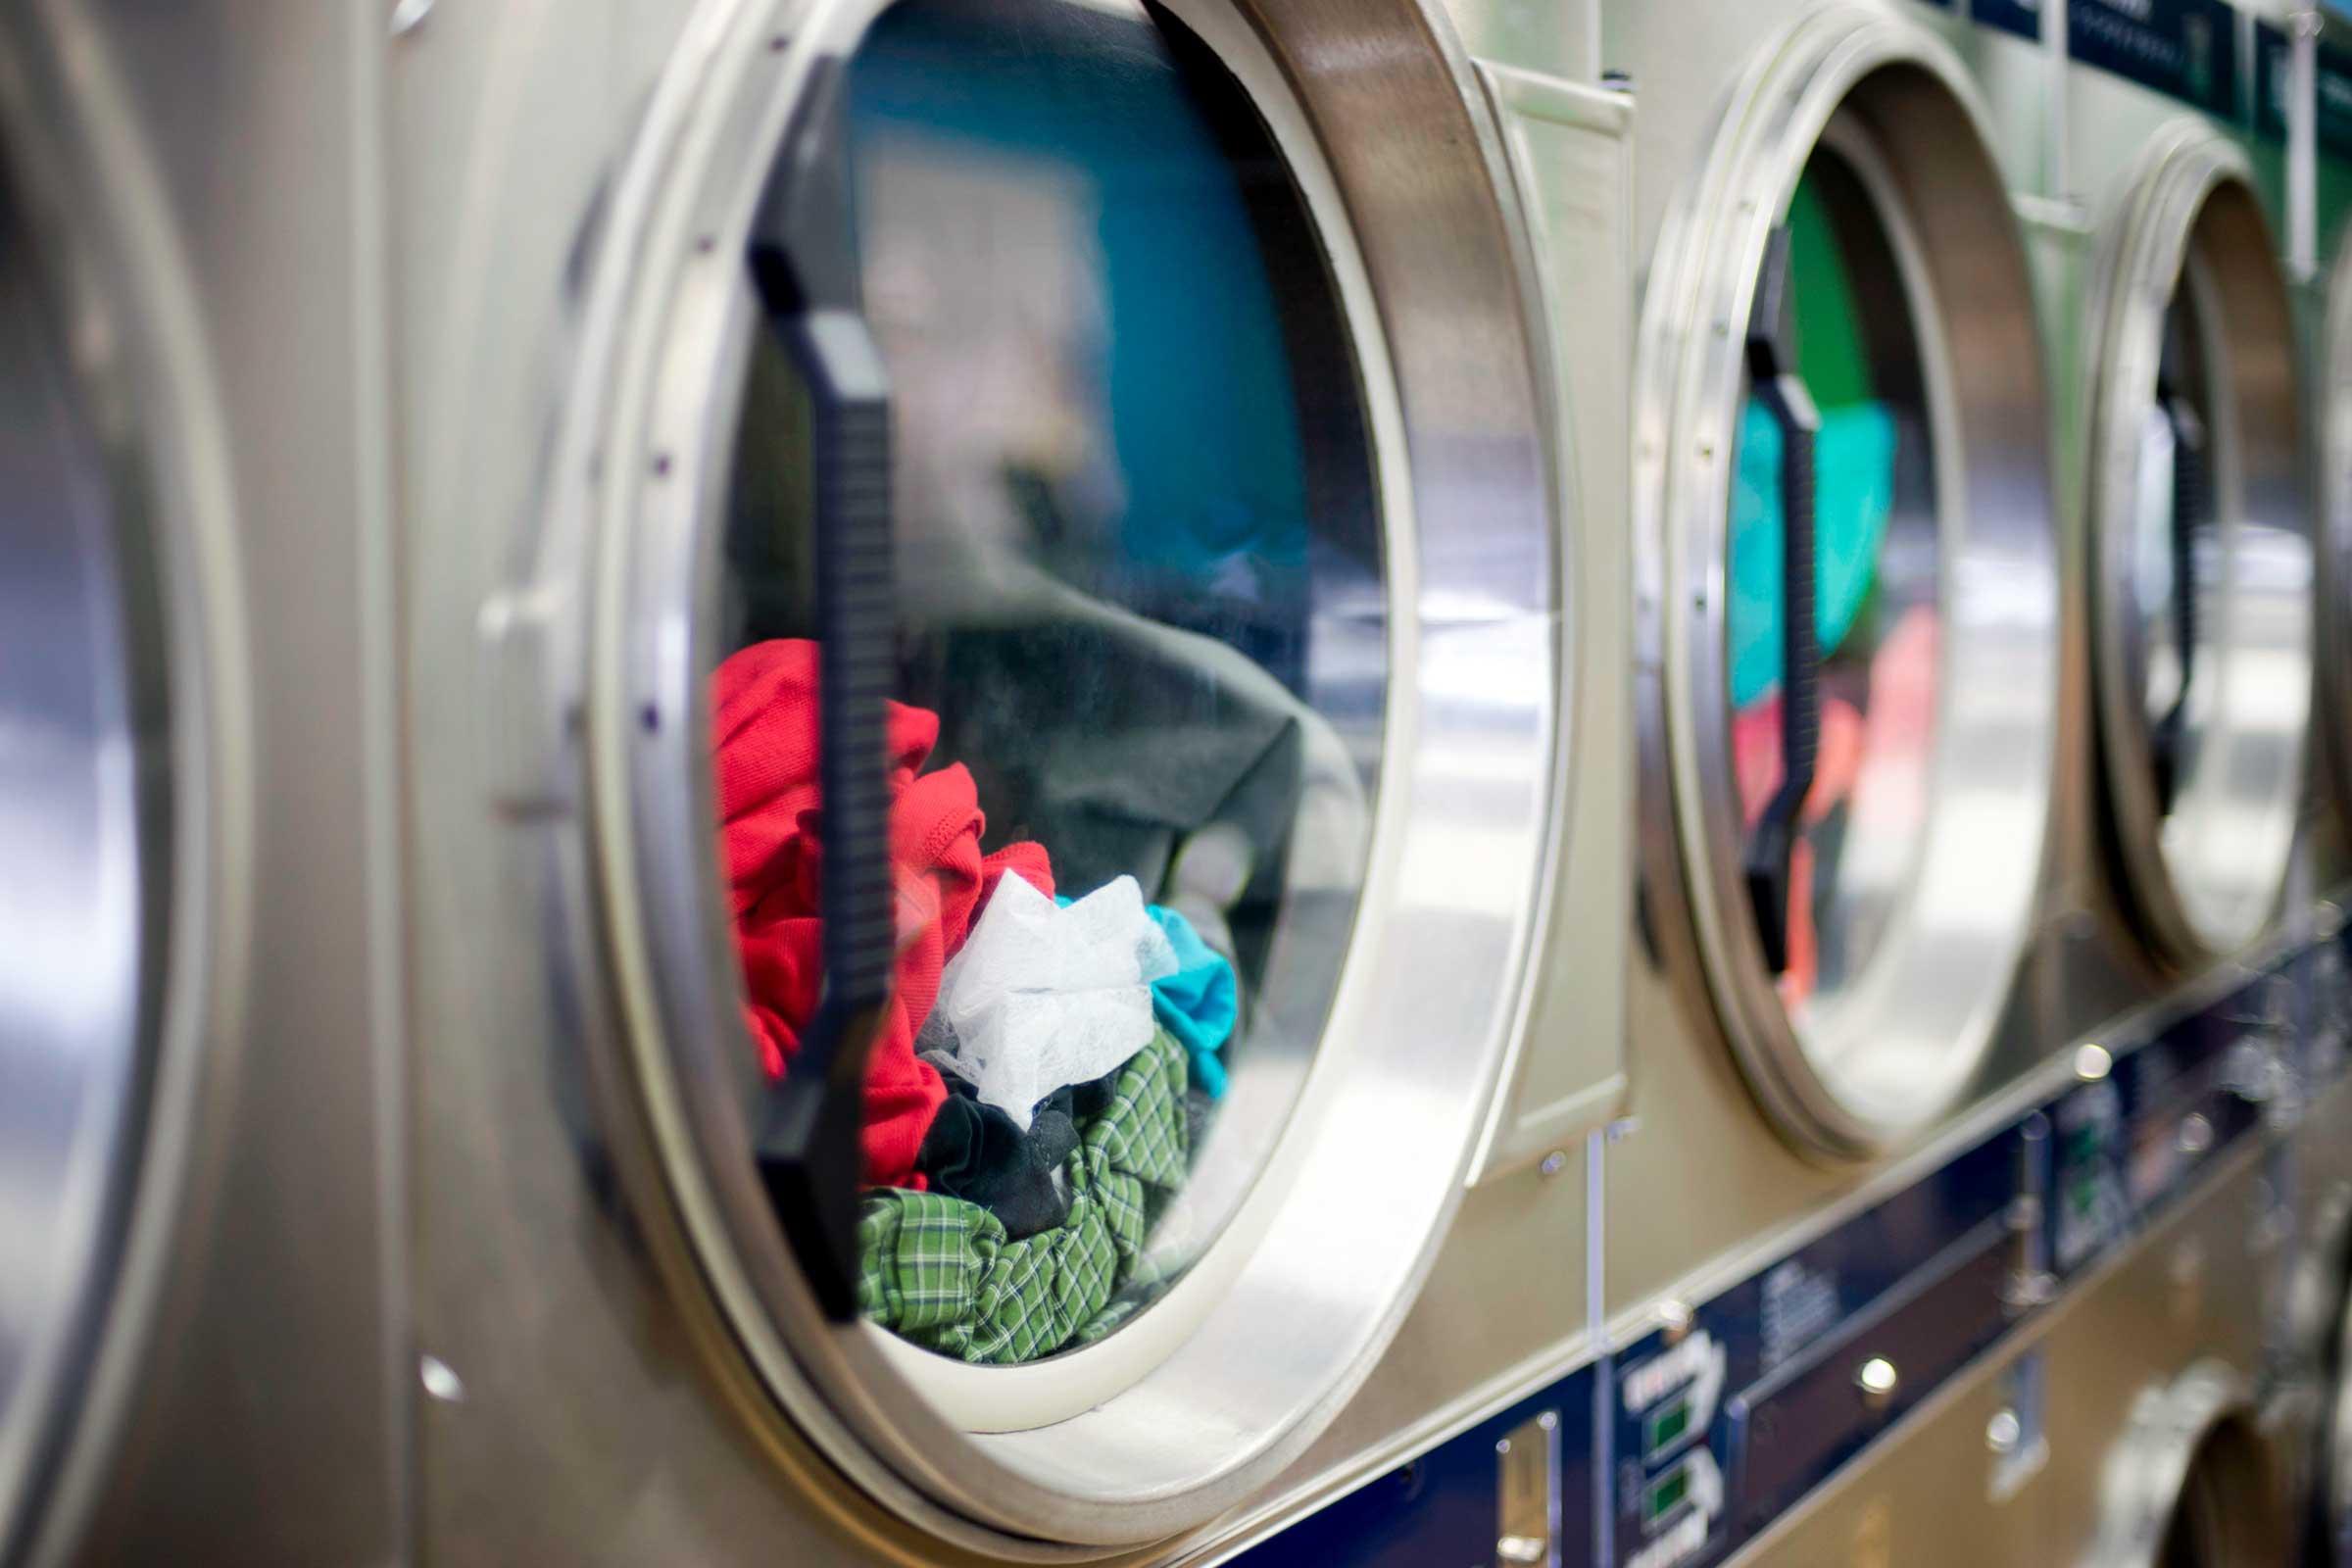 Lavandería de Pennsylvania pagará $478k a empleados por violaciones de salario